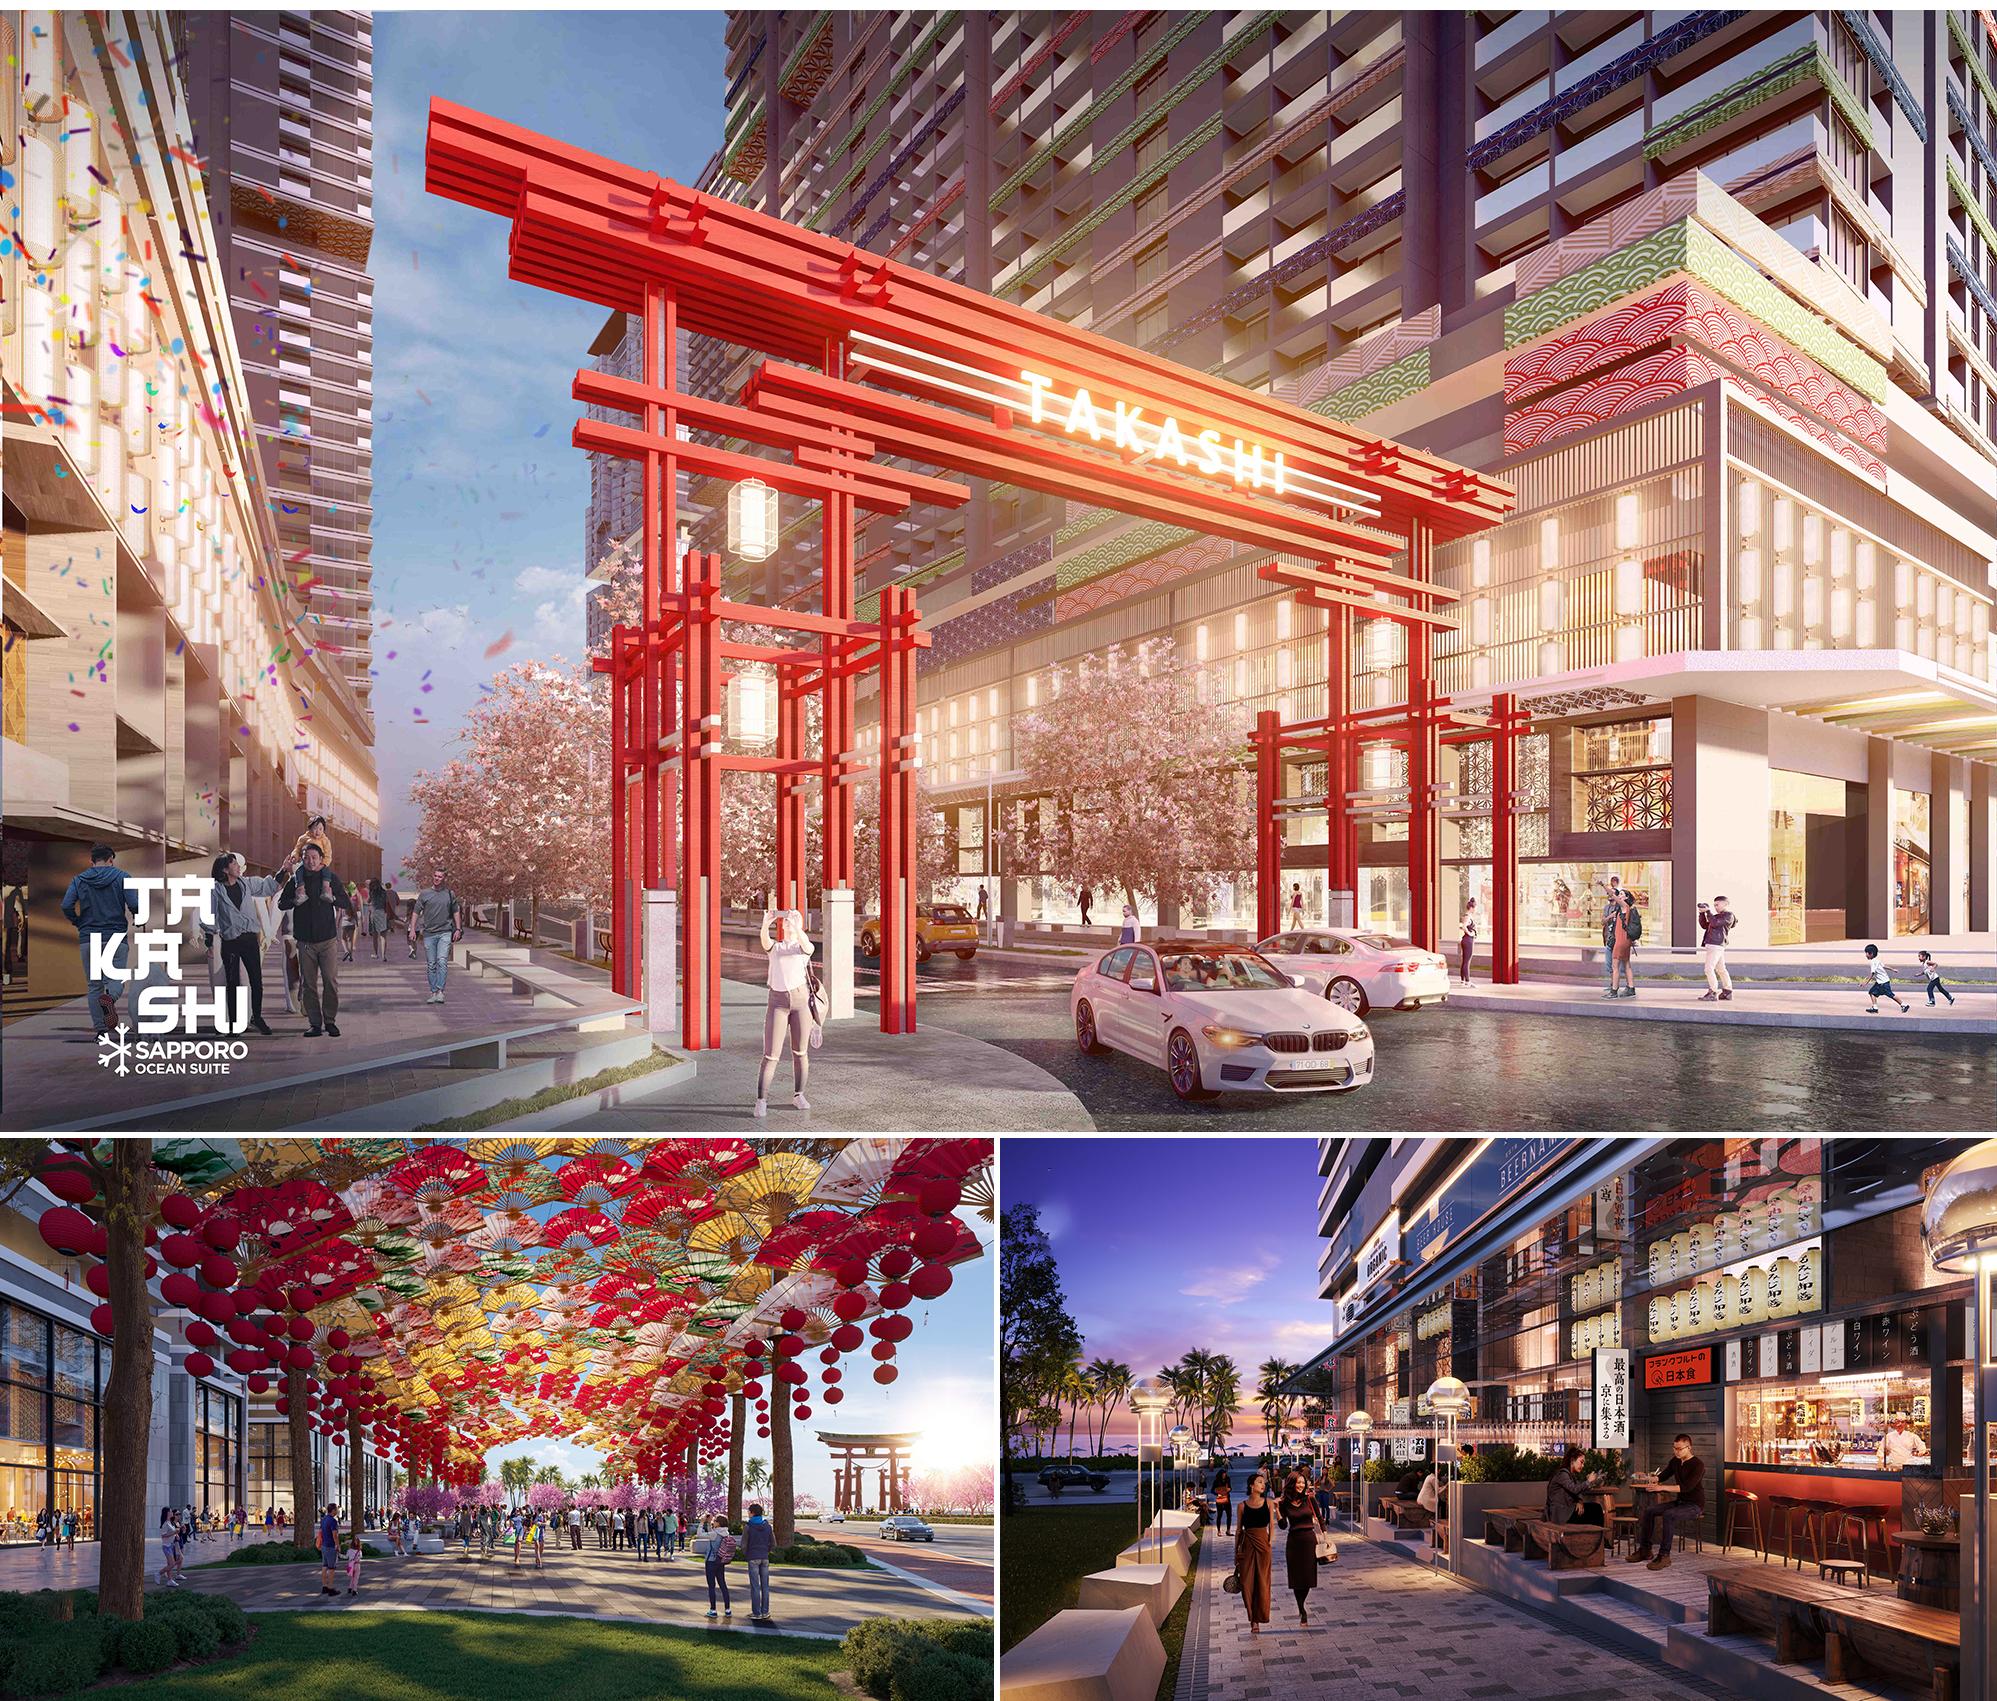 Đô thị biển giải trí phong cách Nhật – Định hướng chiến lược của Tập đoàn Danh Khôi trong năm 2021 - Ảnh 7.